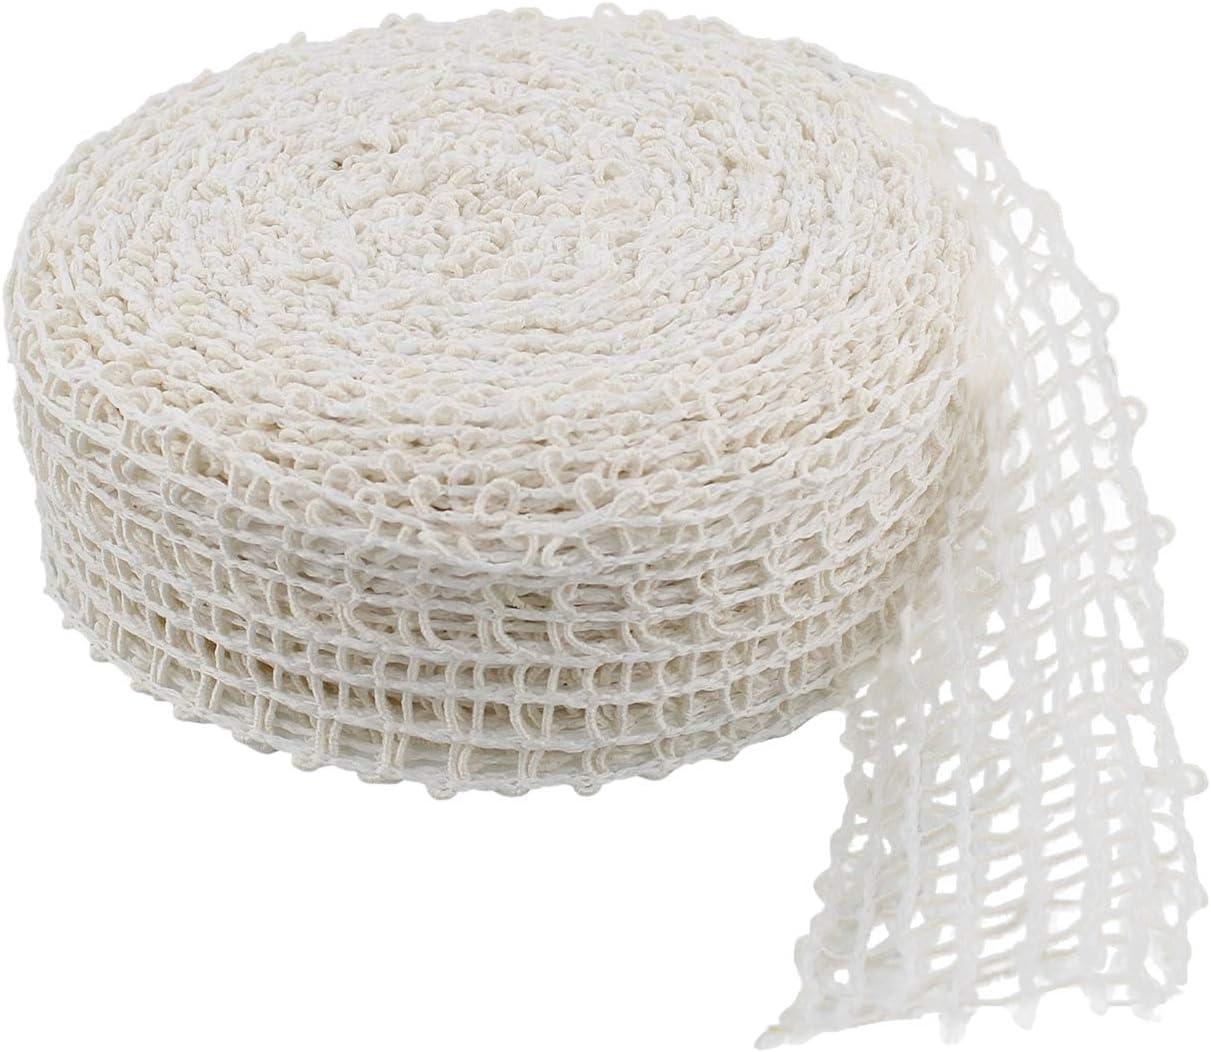 50ft Roll Size 28 Rural365 Meat Netting Roll Ham Sock Elastic Netting Meat Butcher Twine Net Meat Netting Roll Meat